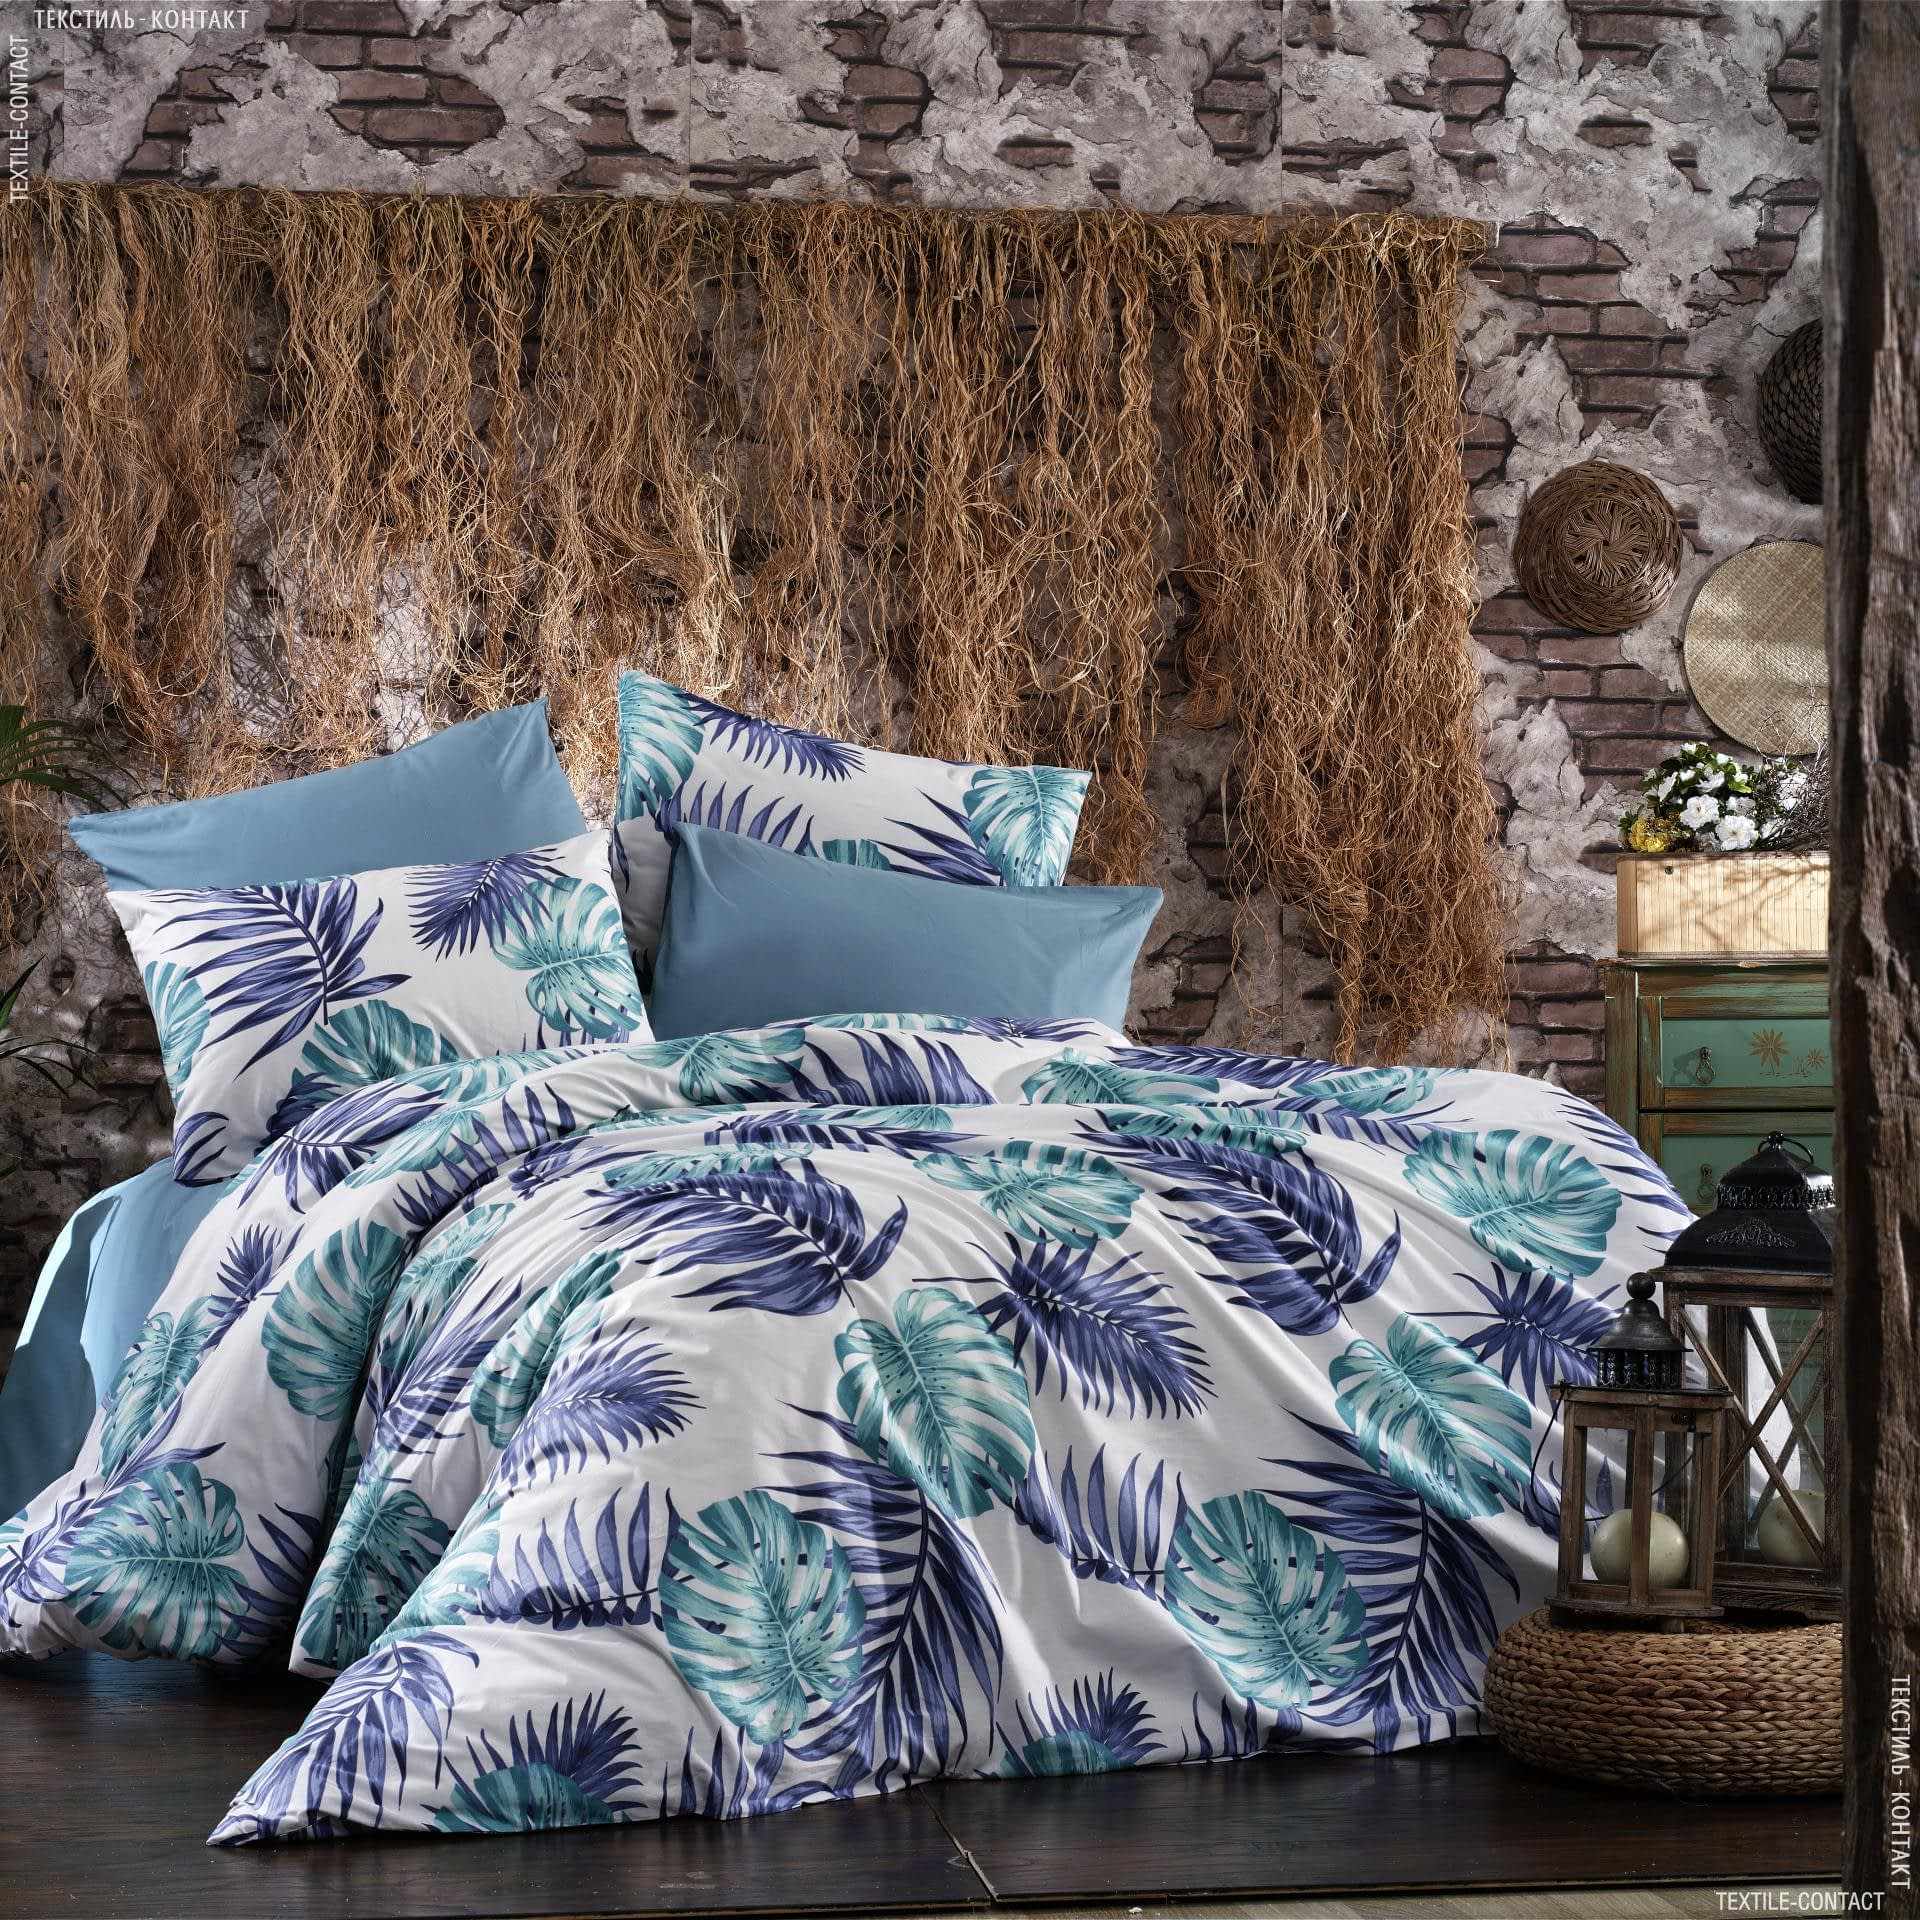 Ткани для постельного белья - Бязь набивная RENFORCE LUX листья